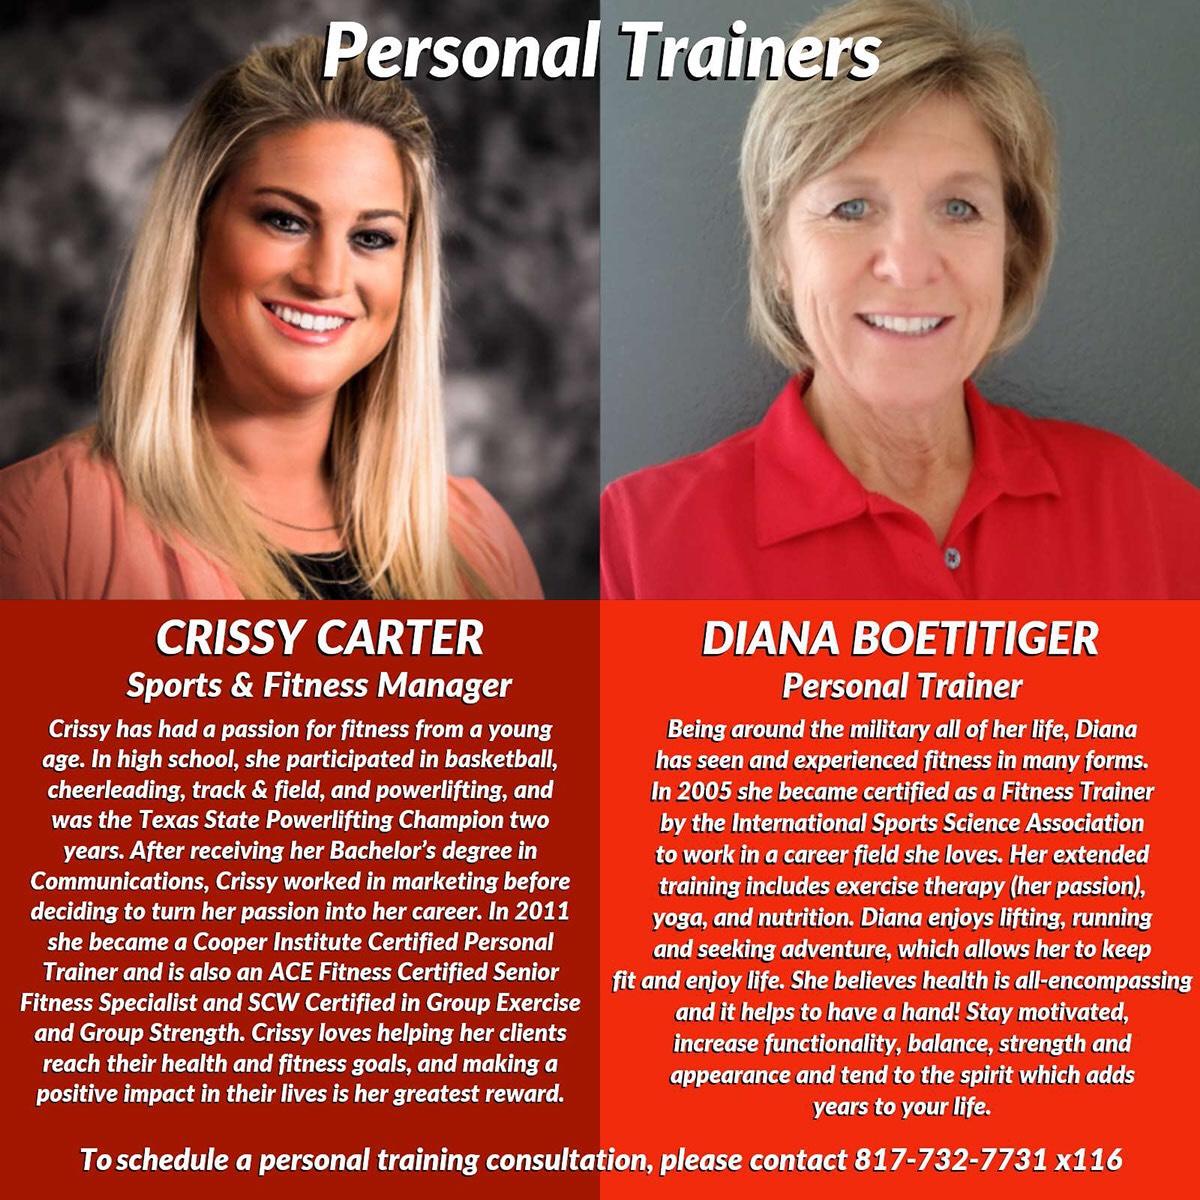 Trainer bios